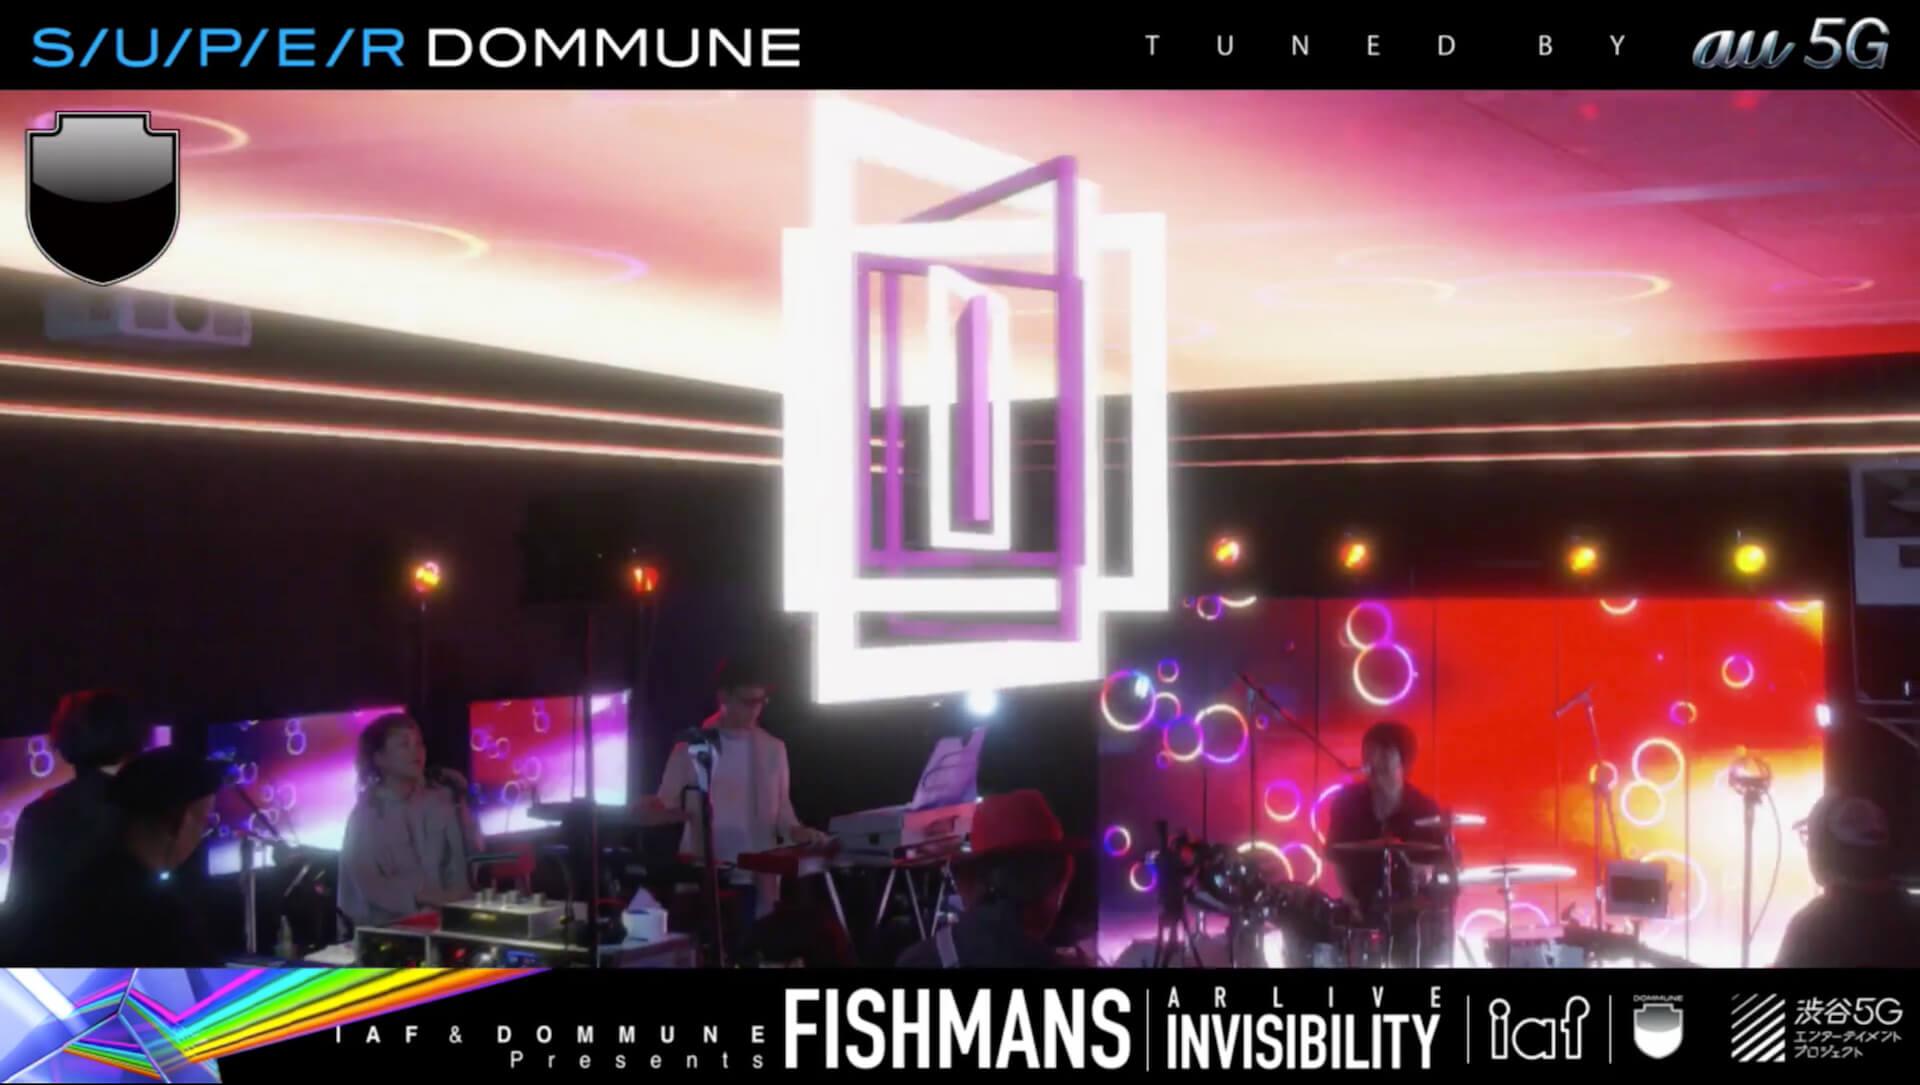 リアルとバーチャルのシナジーが生まれたFISHMANS AR LIVE<INVISIBILITY> music200622_fishmans_superdommune_2